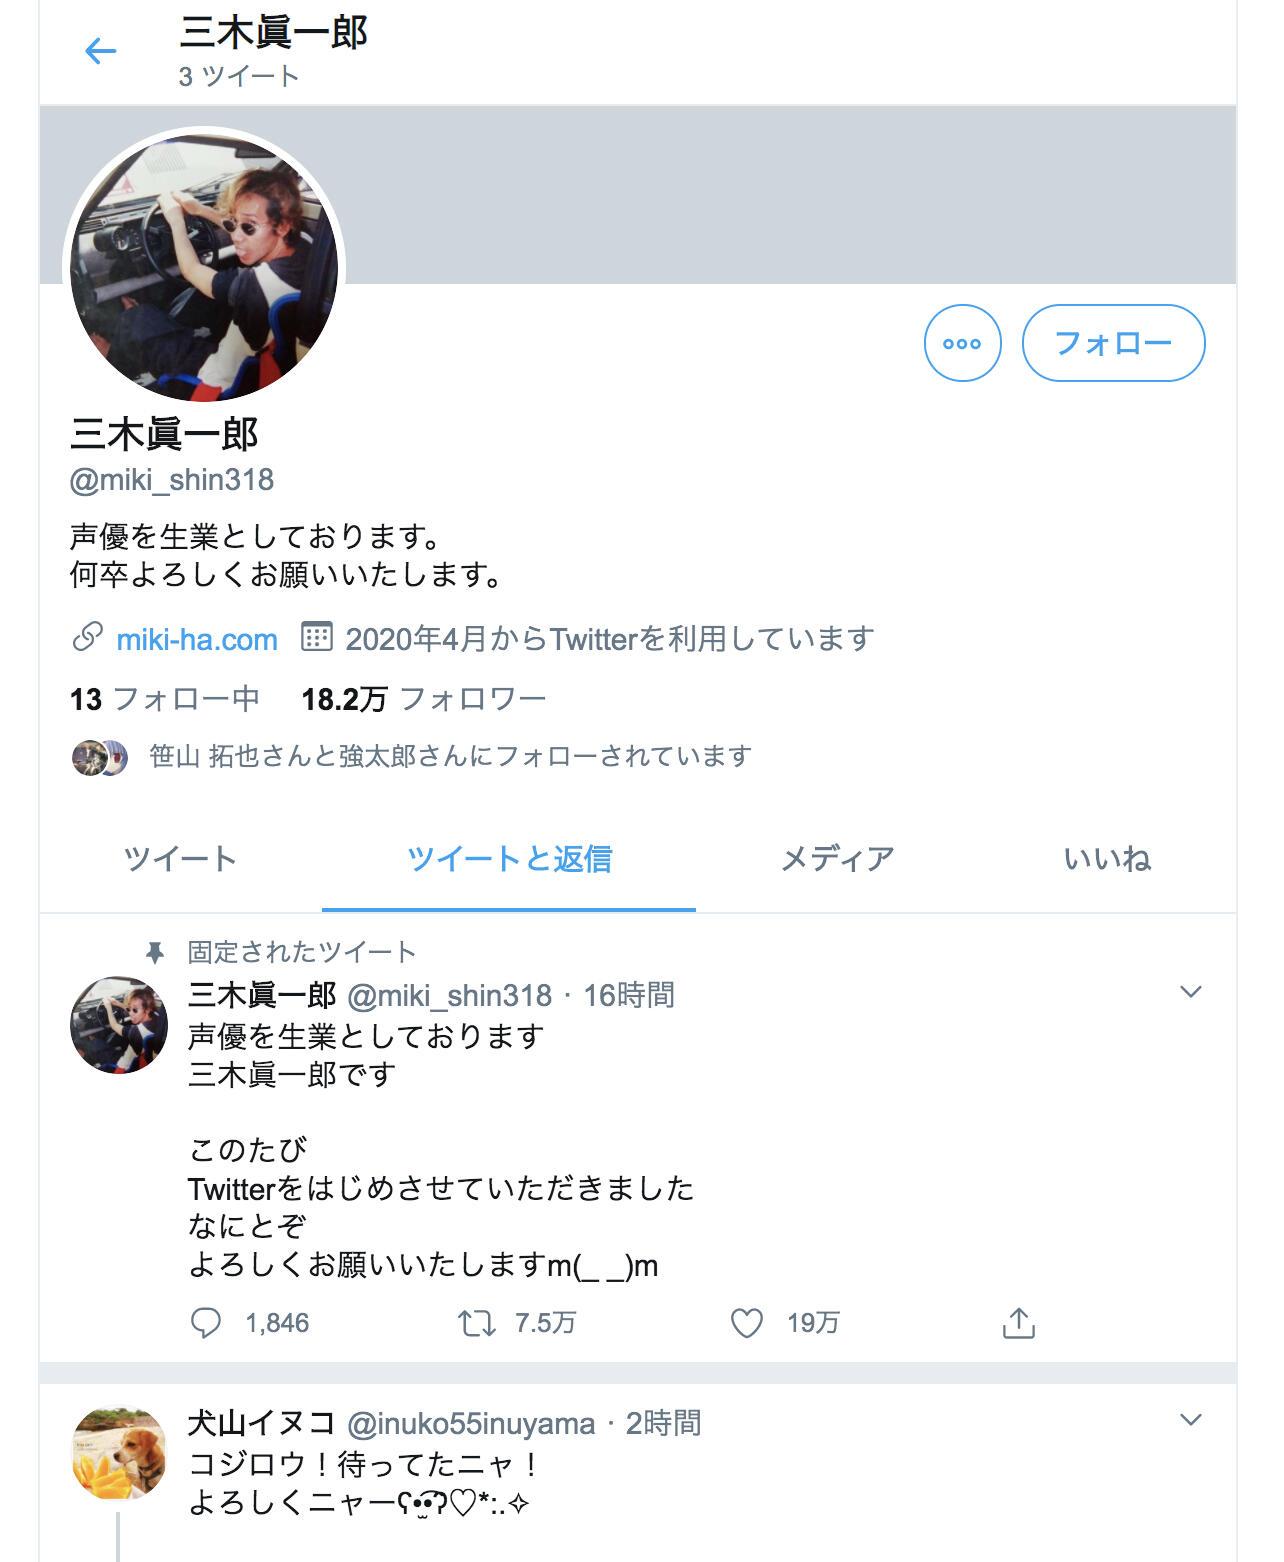 三木 眞一郎 ブログ